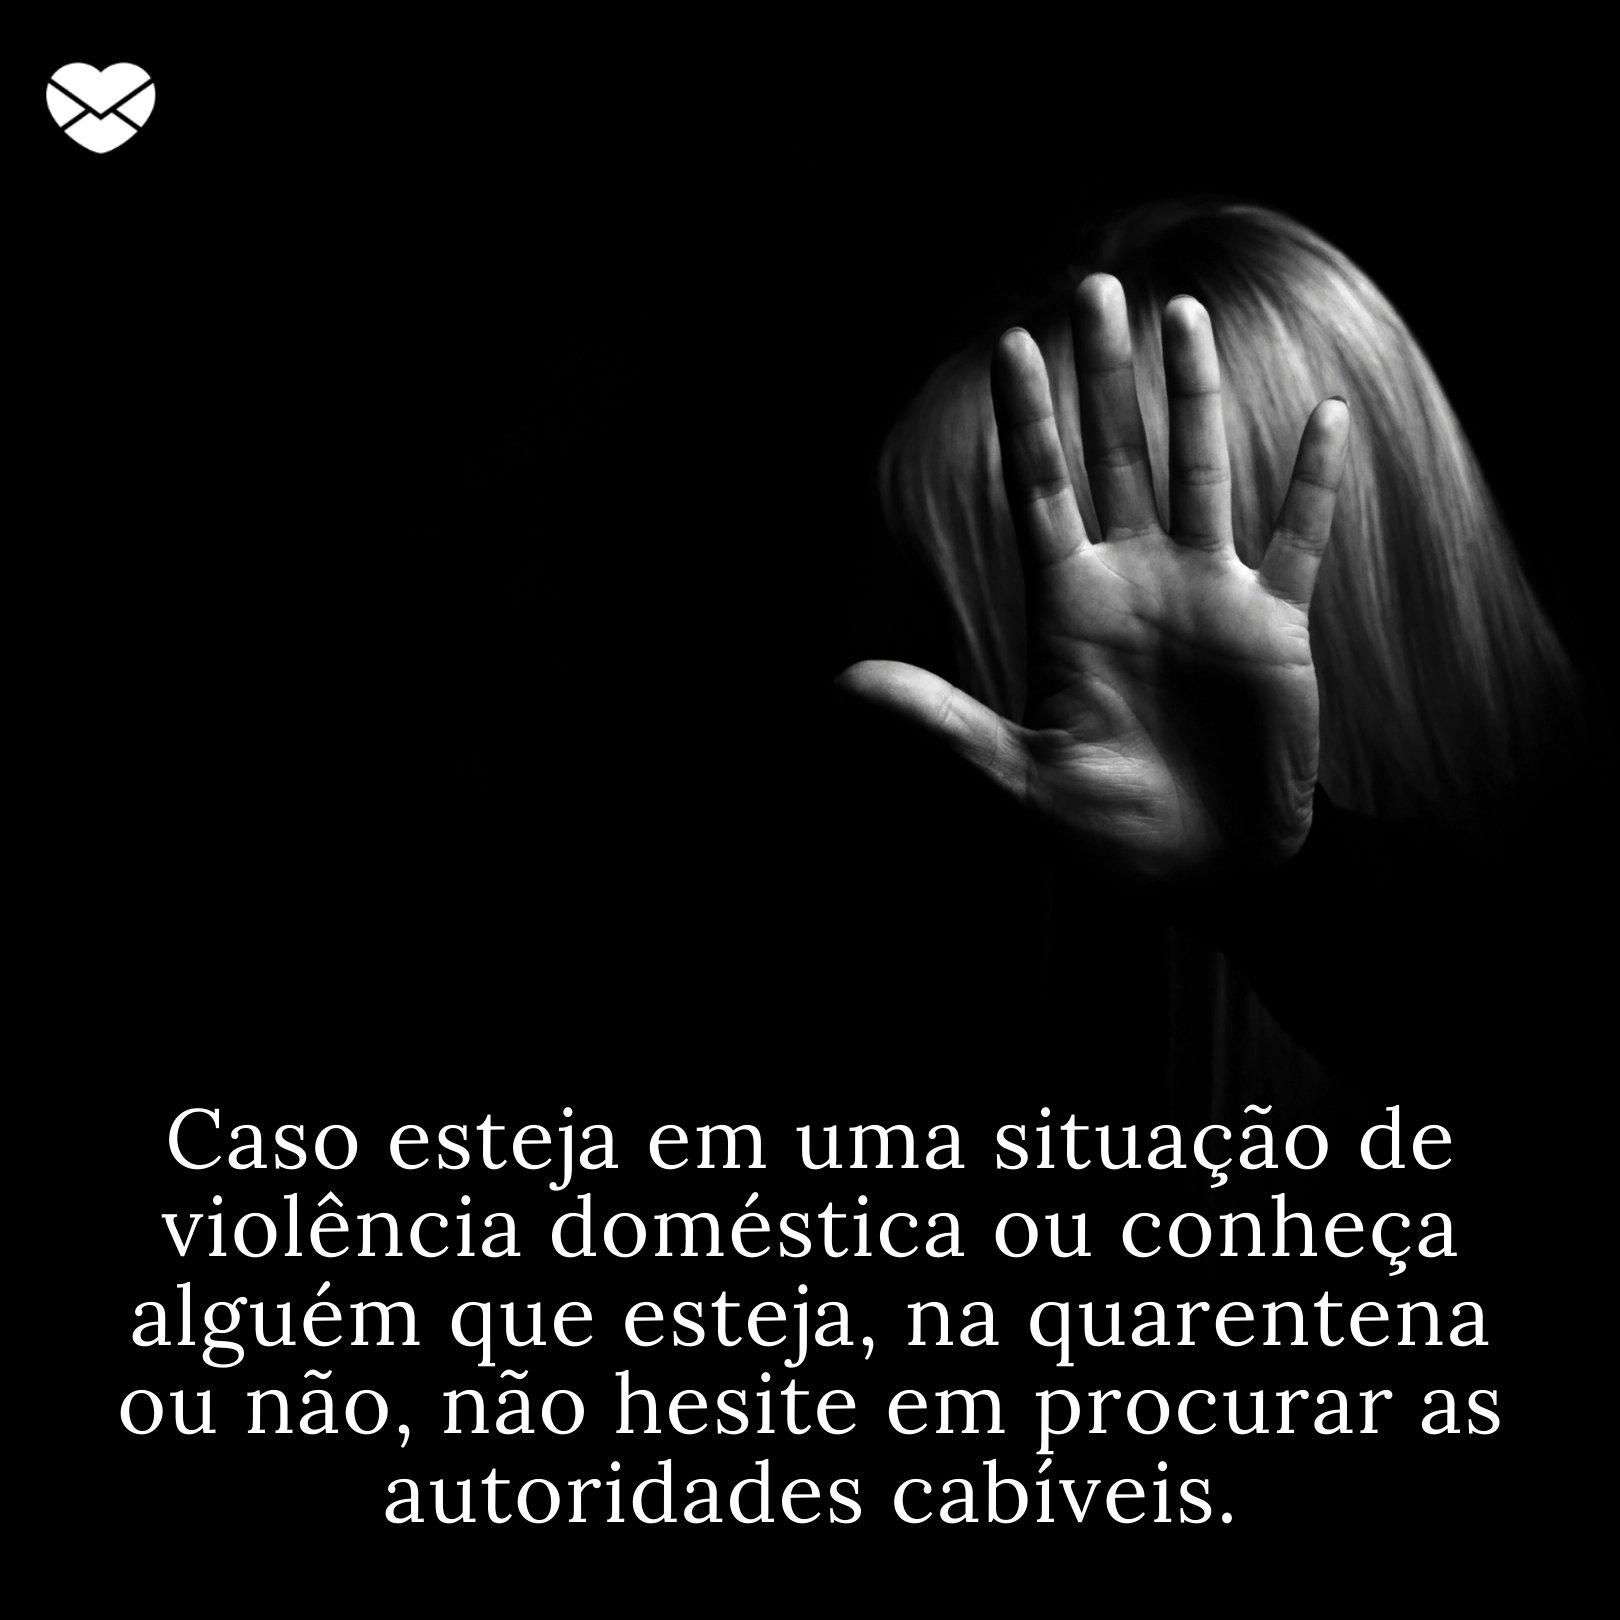 Frases De Combate Contra A Violência Doméstica Na Quarentena